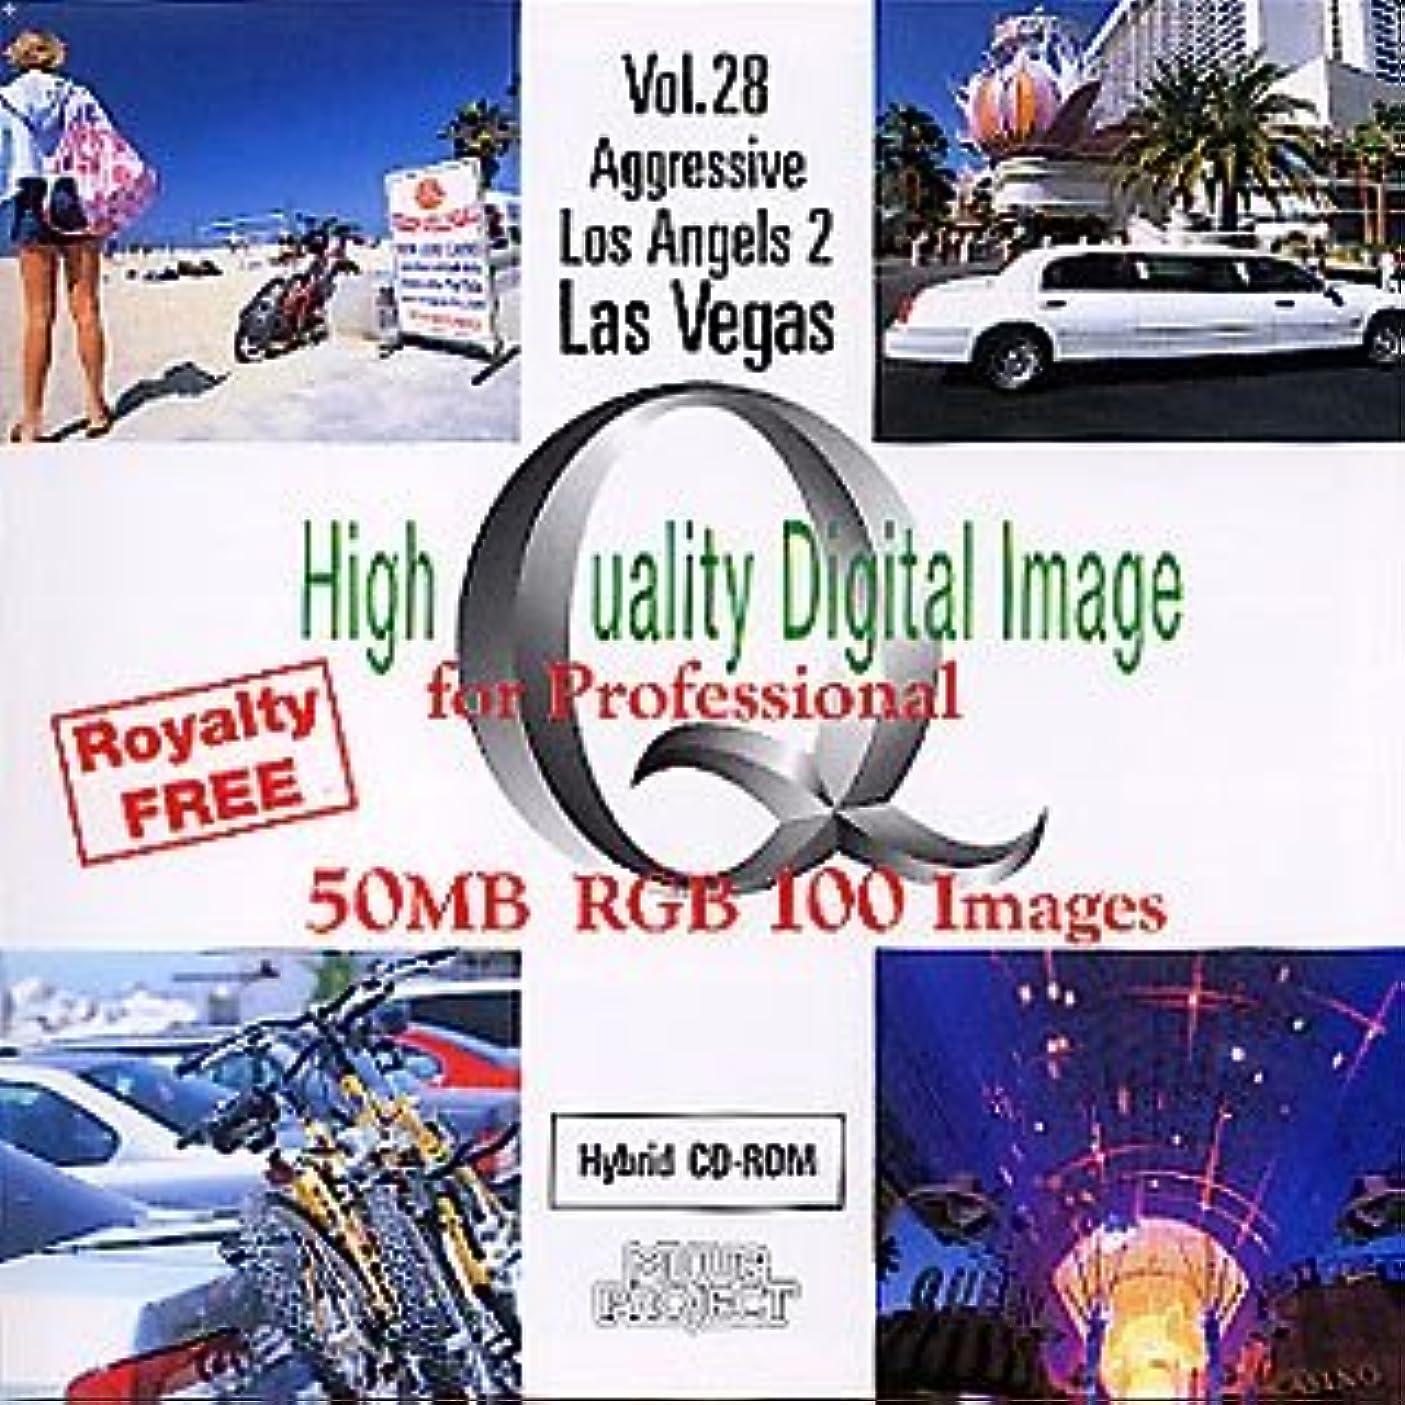 帝国主義知事ネブHigh Quality Digital Image for Professional Vol.28 Aggressive Los Angels 2 Las Vegas